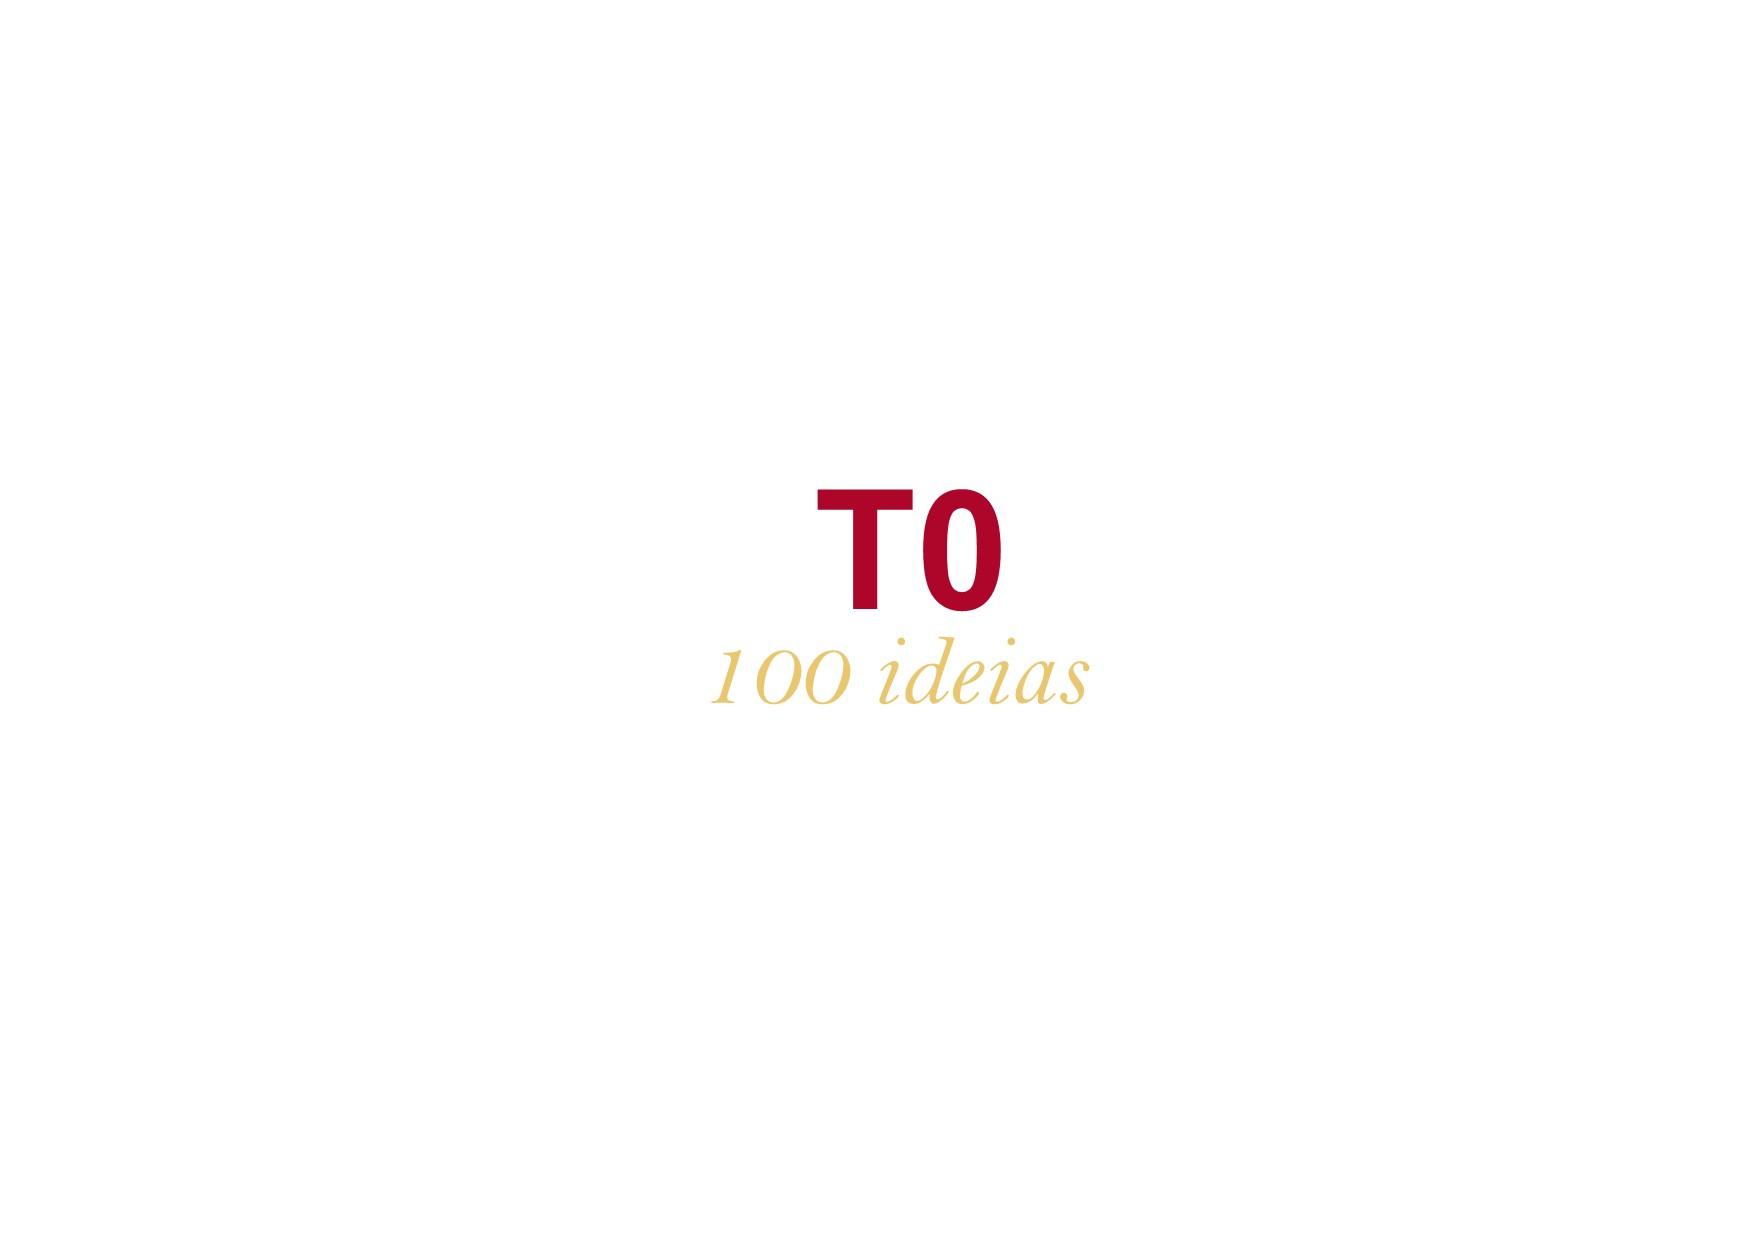 T0 100 ideias